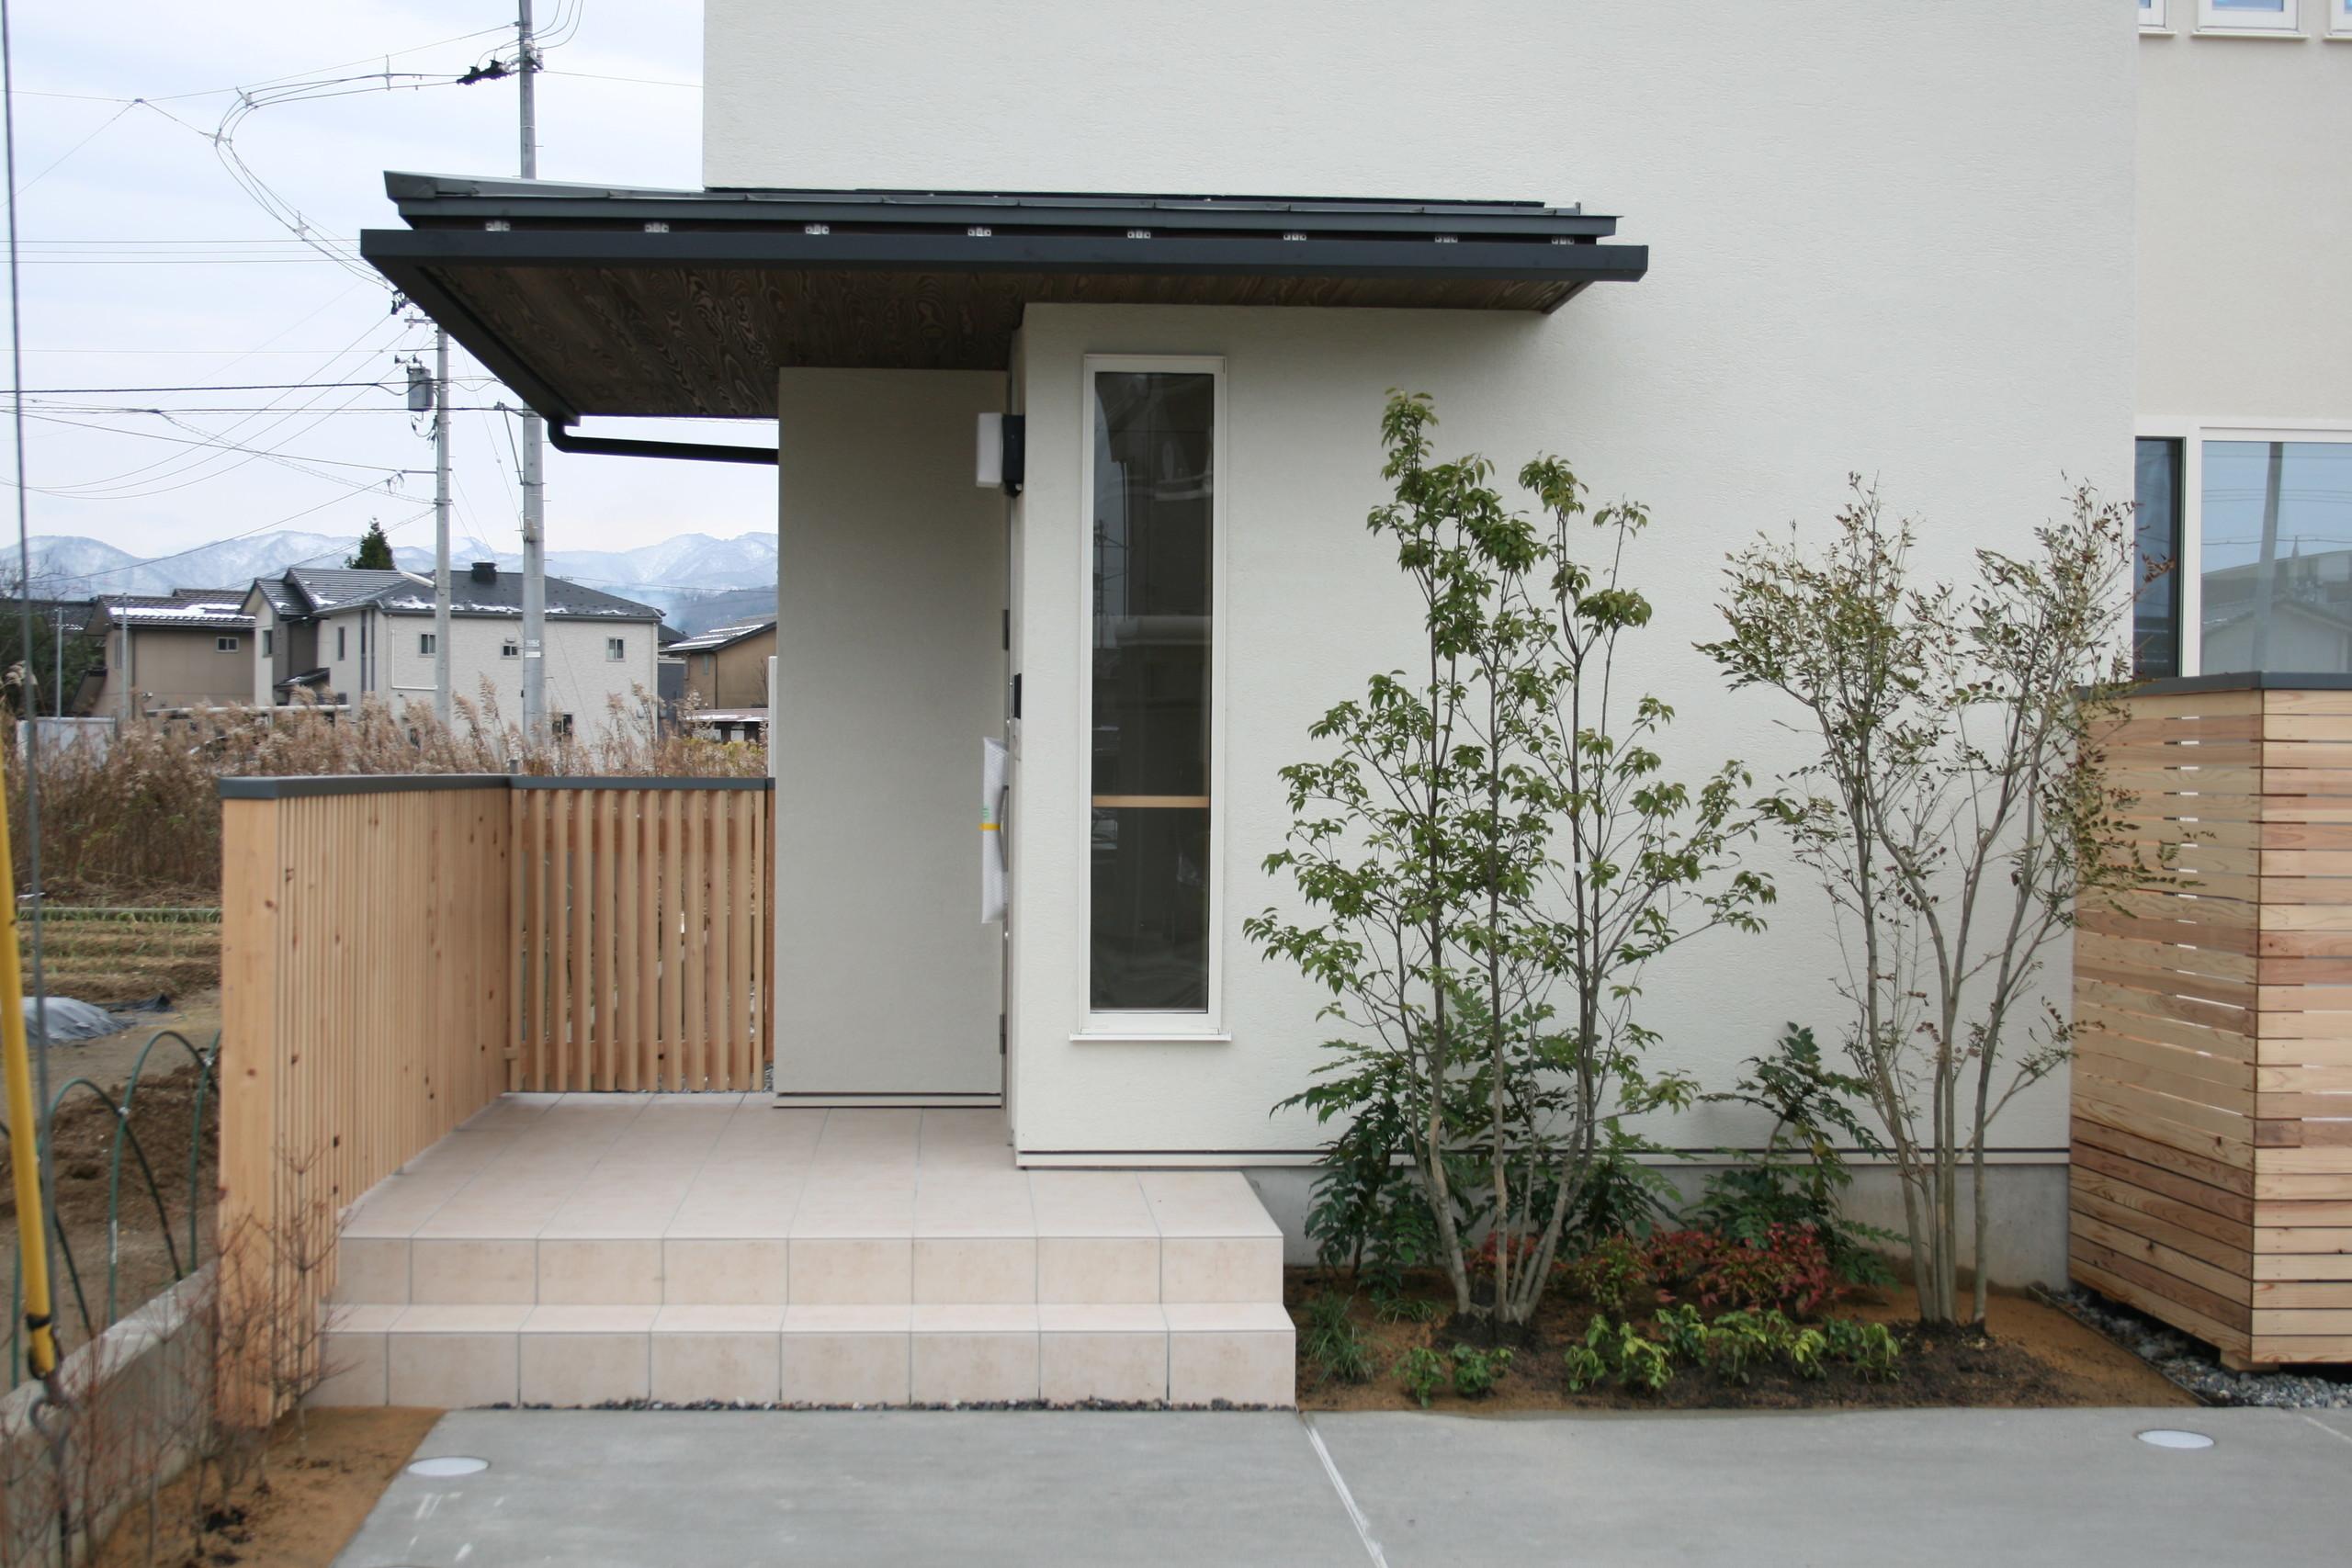 北向きの明るい無垢の家 の建築事例写真